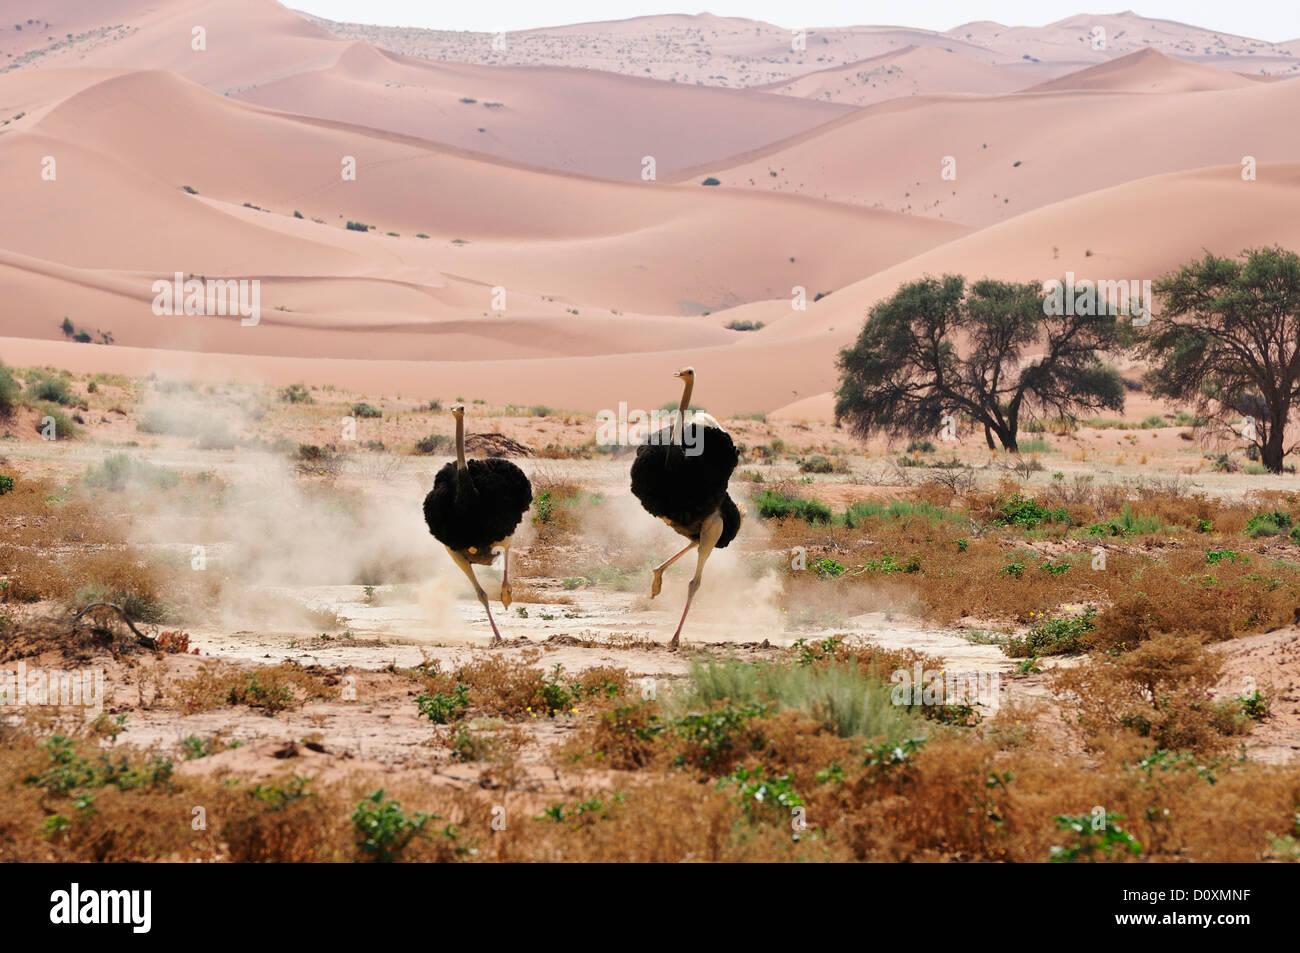 Dunes Afrique Hills Namib Naukluft Park Namibie Sossusvlei peur de charge de l'Afrique de l'exécution Photo Stock